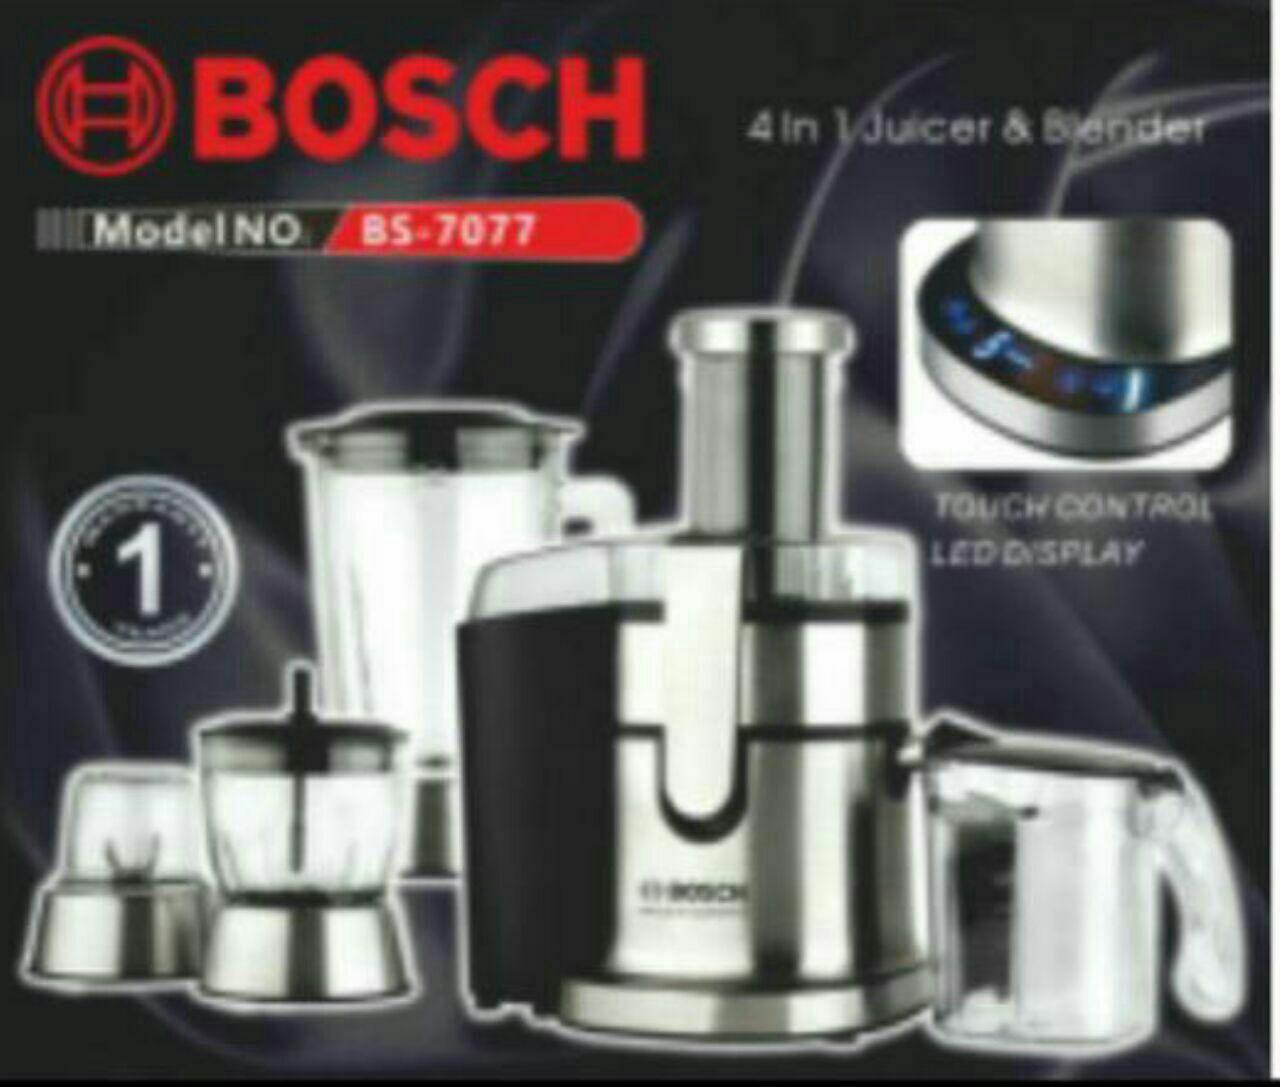 ابمیوه گیر چهار کاره دیجیتال بوش bosch